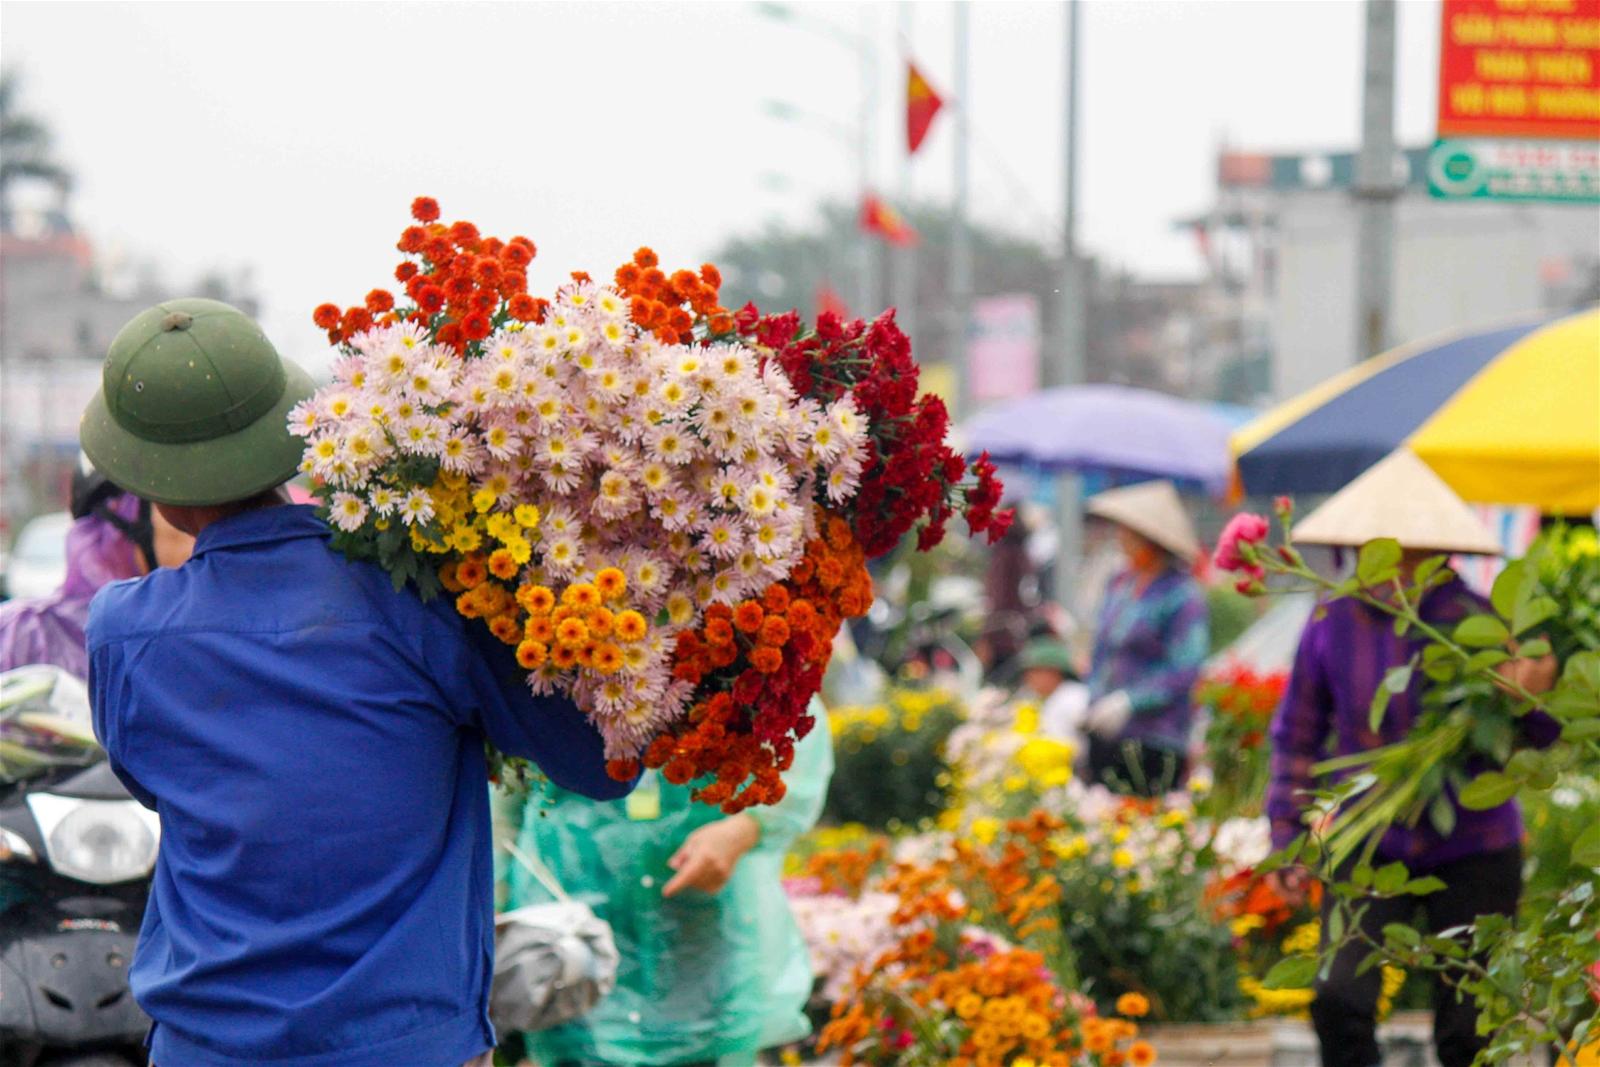 Hà Nội: Chiều 30 Tết, người dân vẫn nườm nợp mua bán hoa